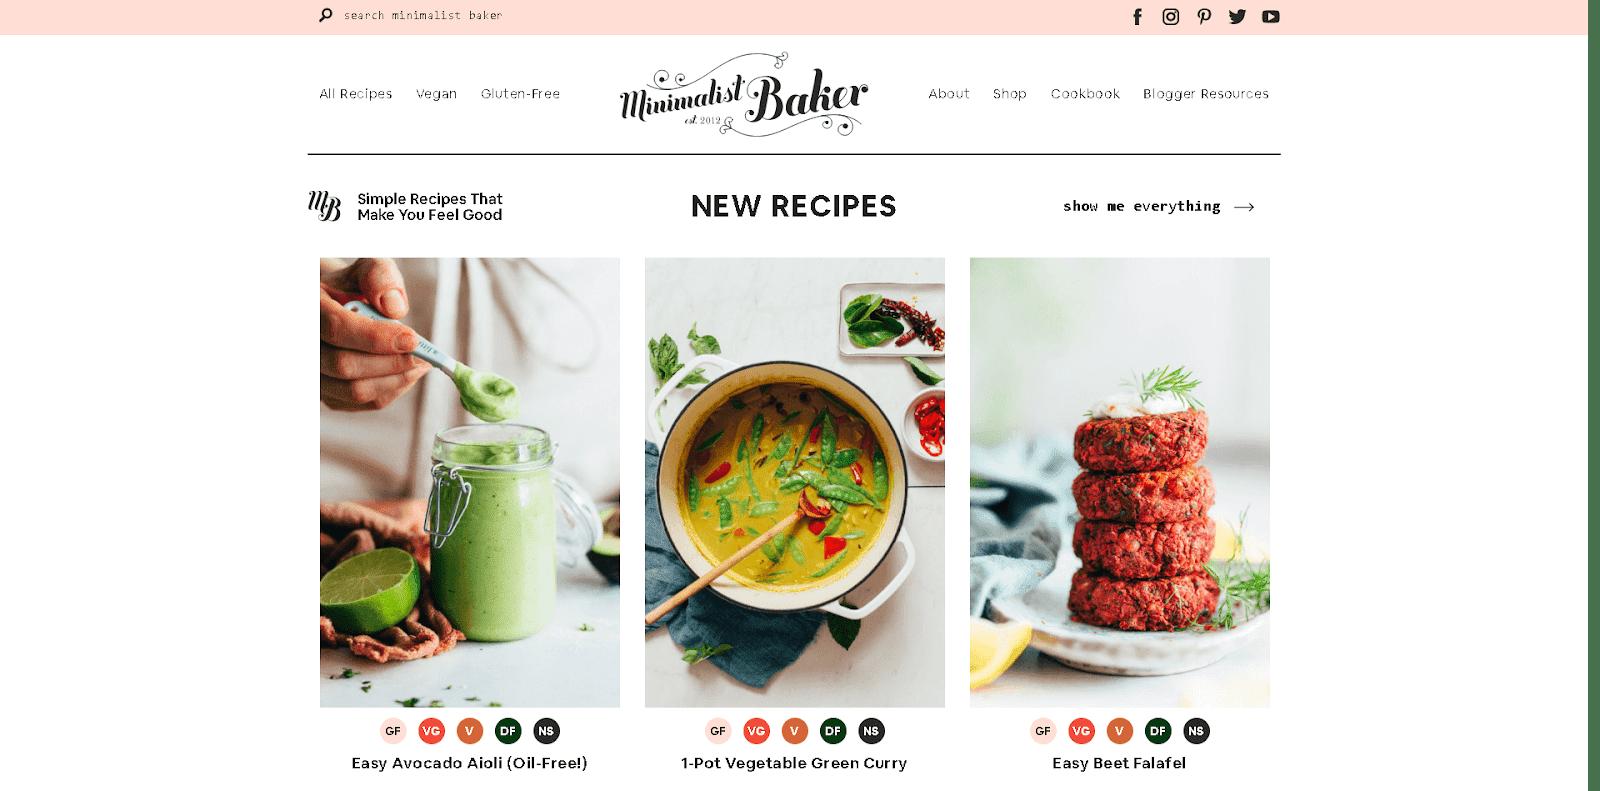 sajt-minimalistbaker-primer-domashnej-straniczy-dlya-kulinarnogo-bloga